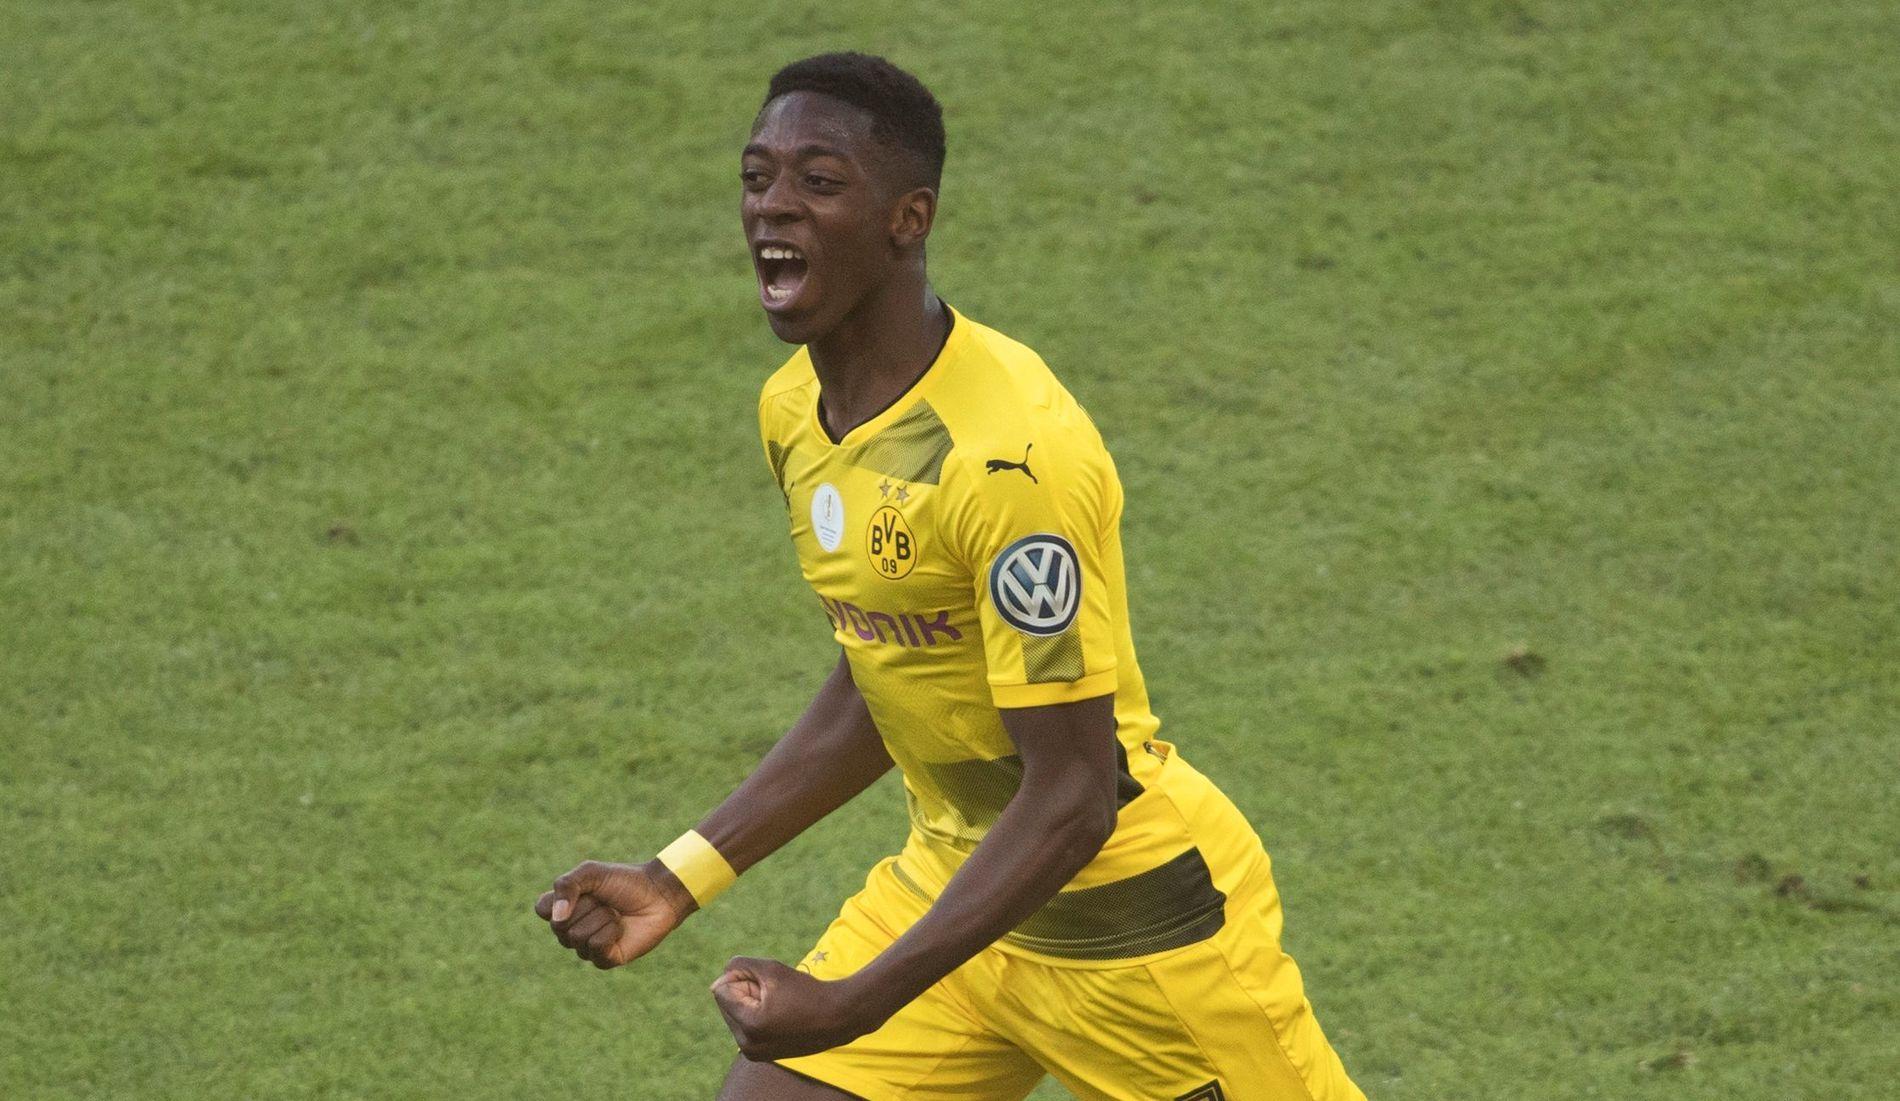 JUBLER: Franske Ousmane Dembele jubler over scoring i den tyske cupen nylig.